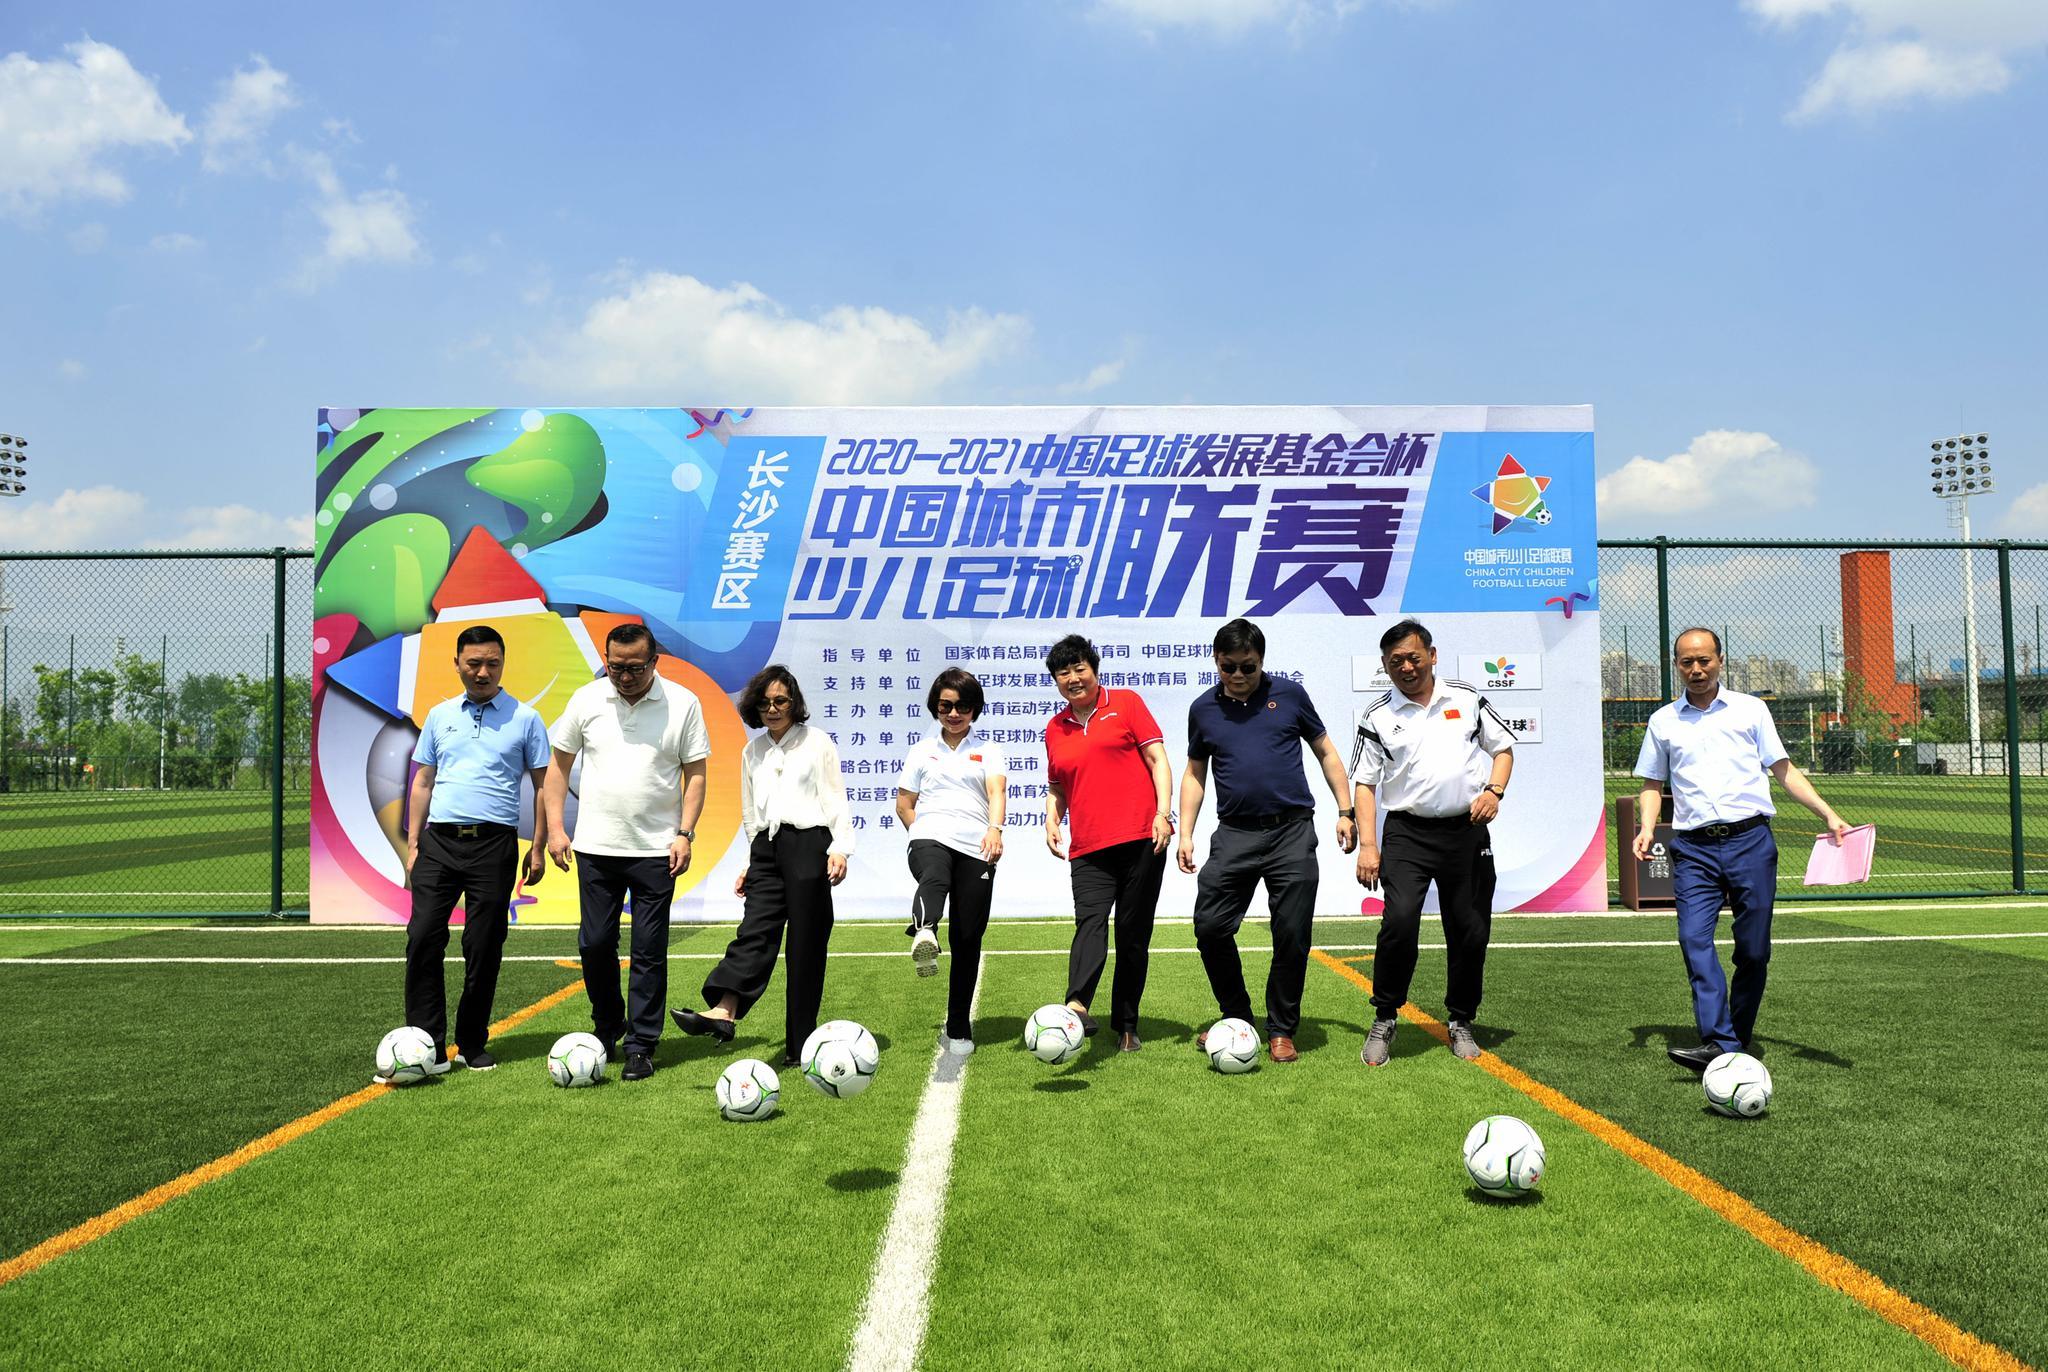 中国城市少儿足球联赛长沙赛区开幕 56支队伍月亮岛上秀脚法